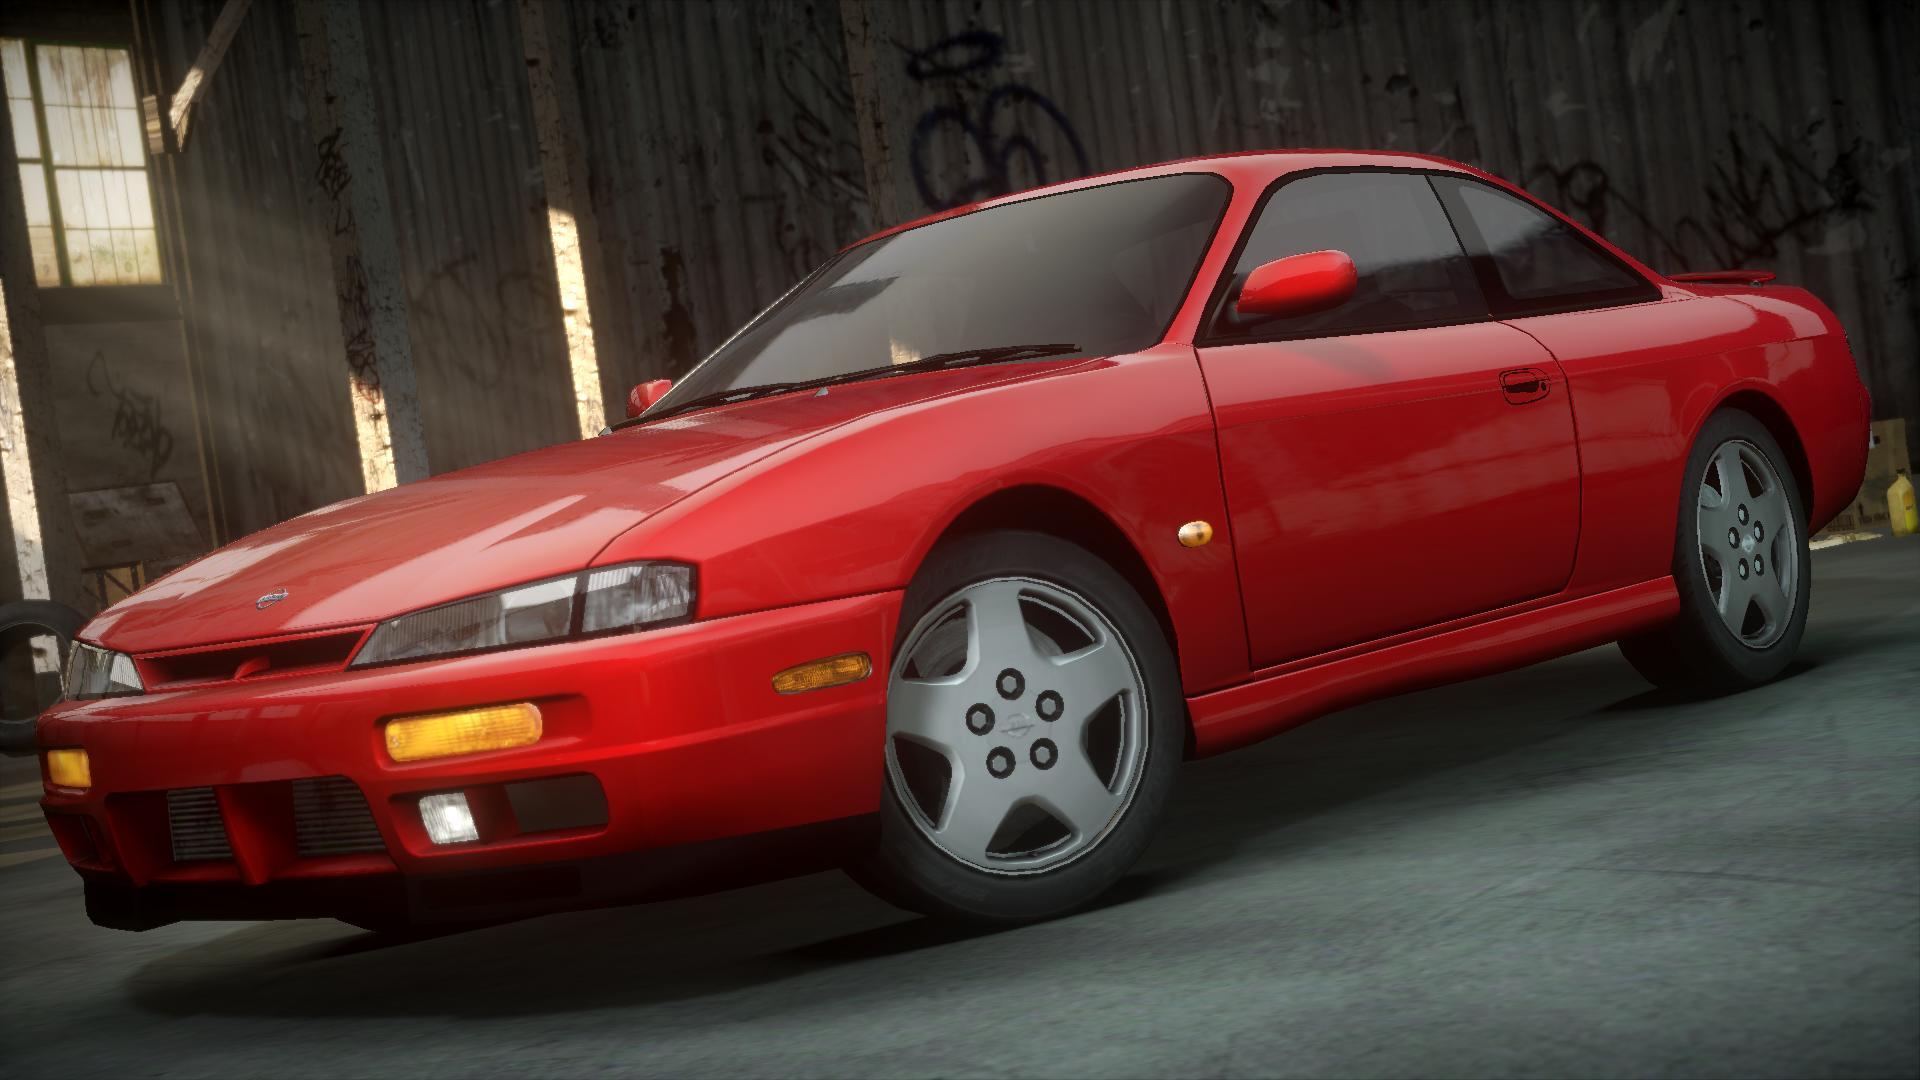 Nissan 200SX (S14)